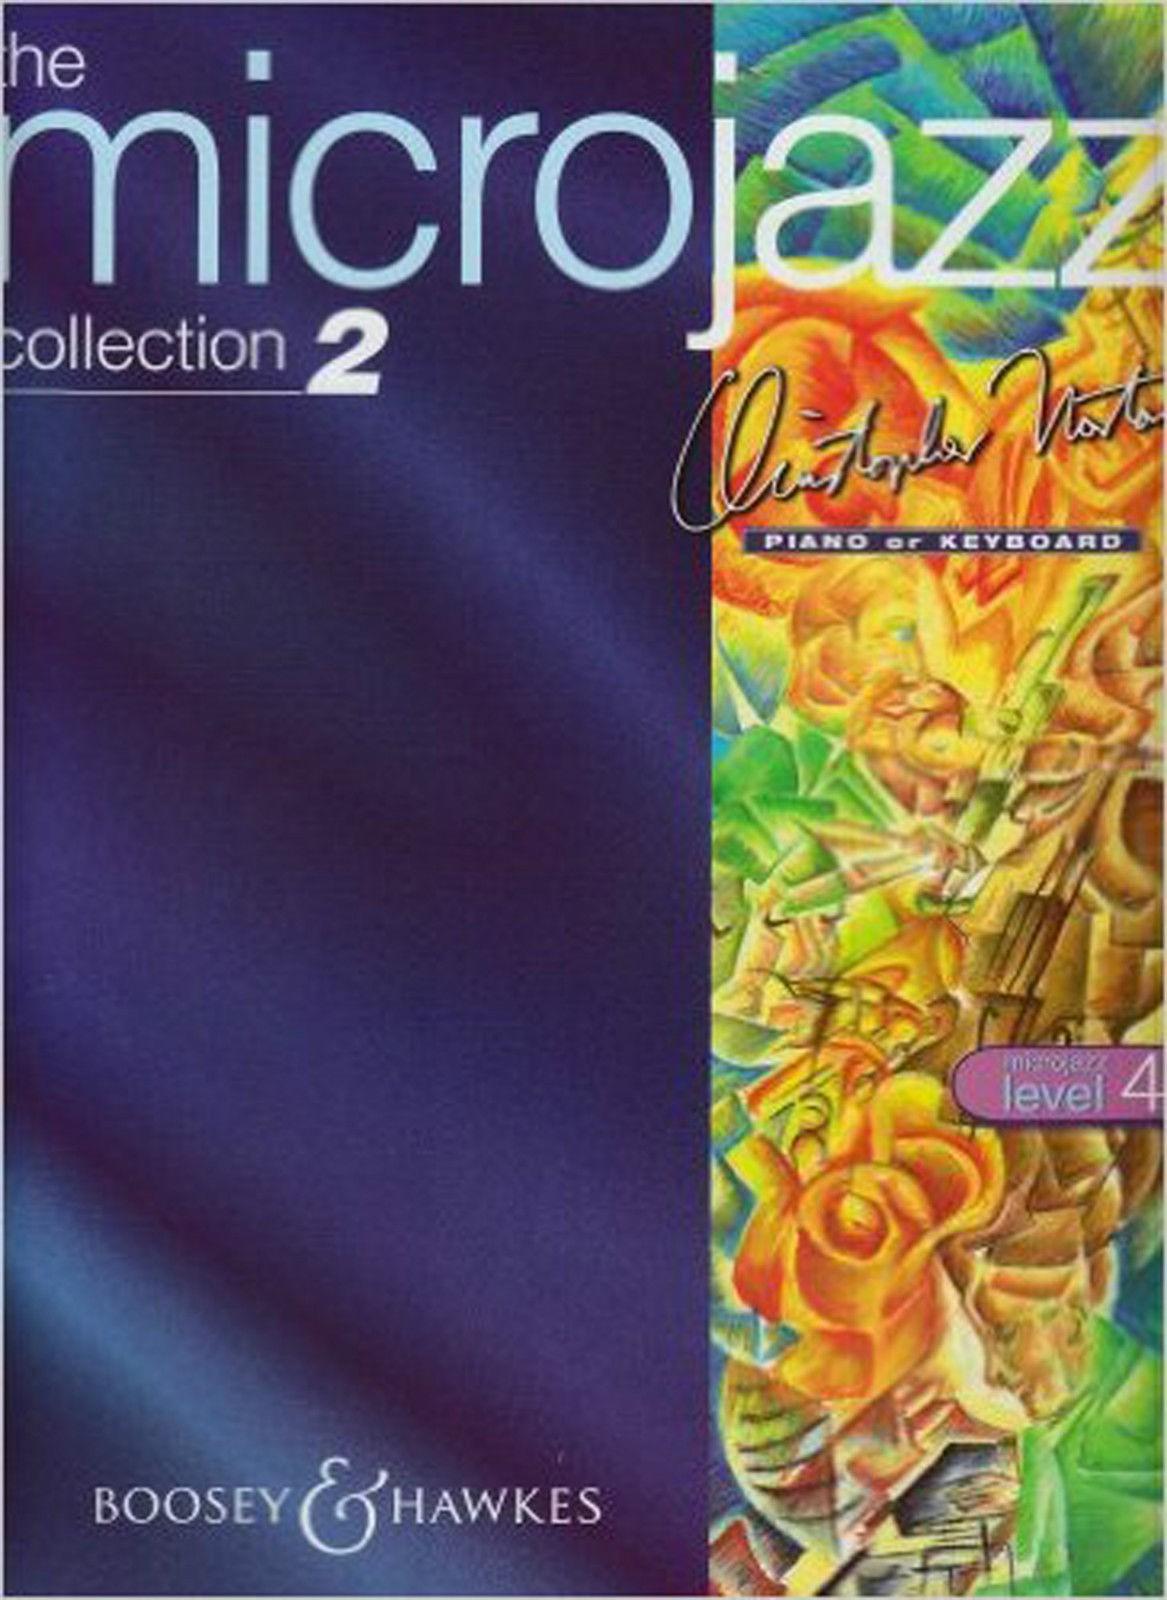 The Microjazz Collection 2 Piano Level 4 Intermediate Music Book Norton S81